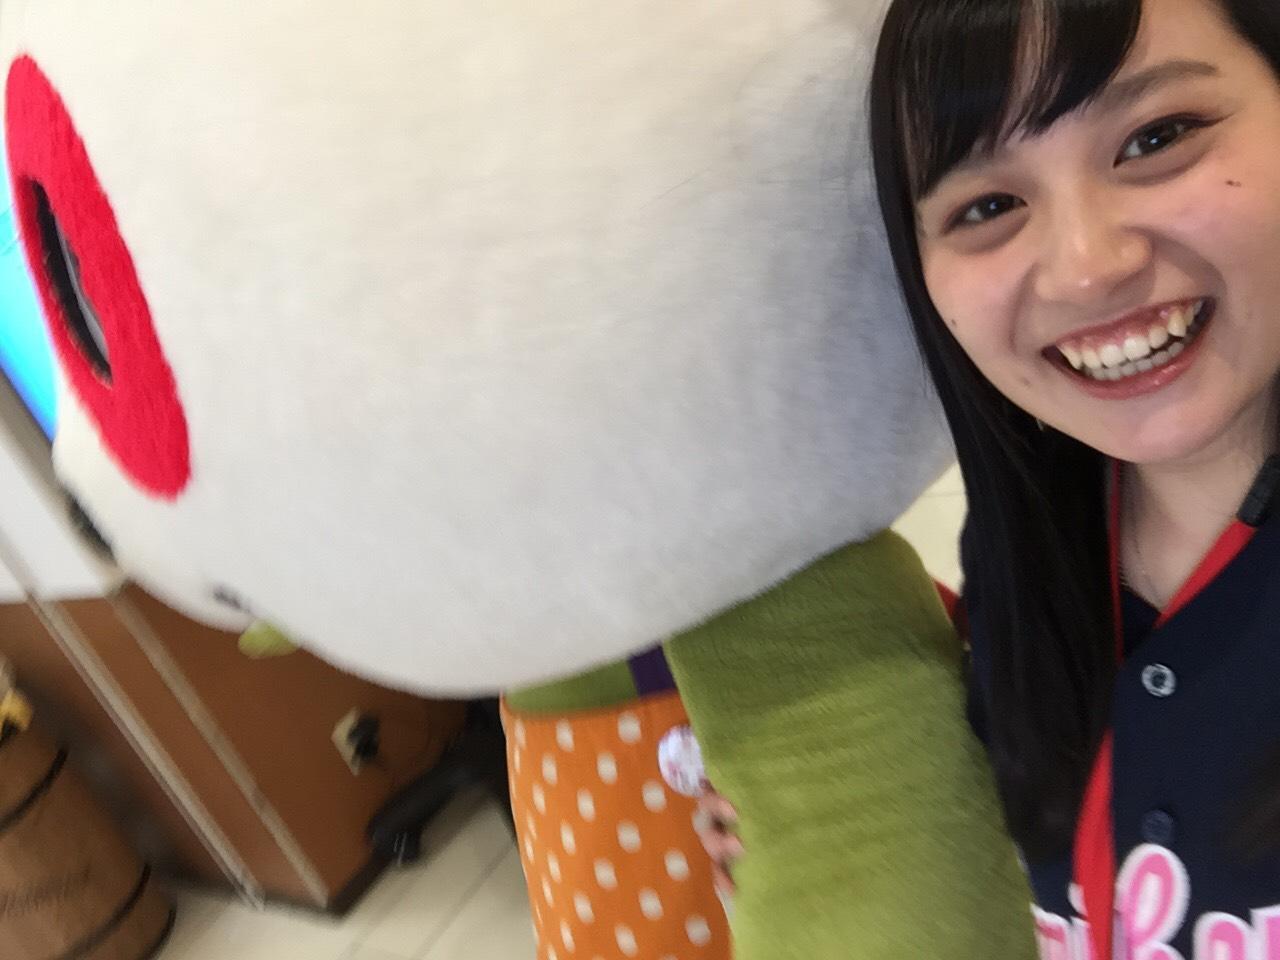 https://emifull.jp/emifulls_blog/11th/uploads/0330-2.jpg